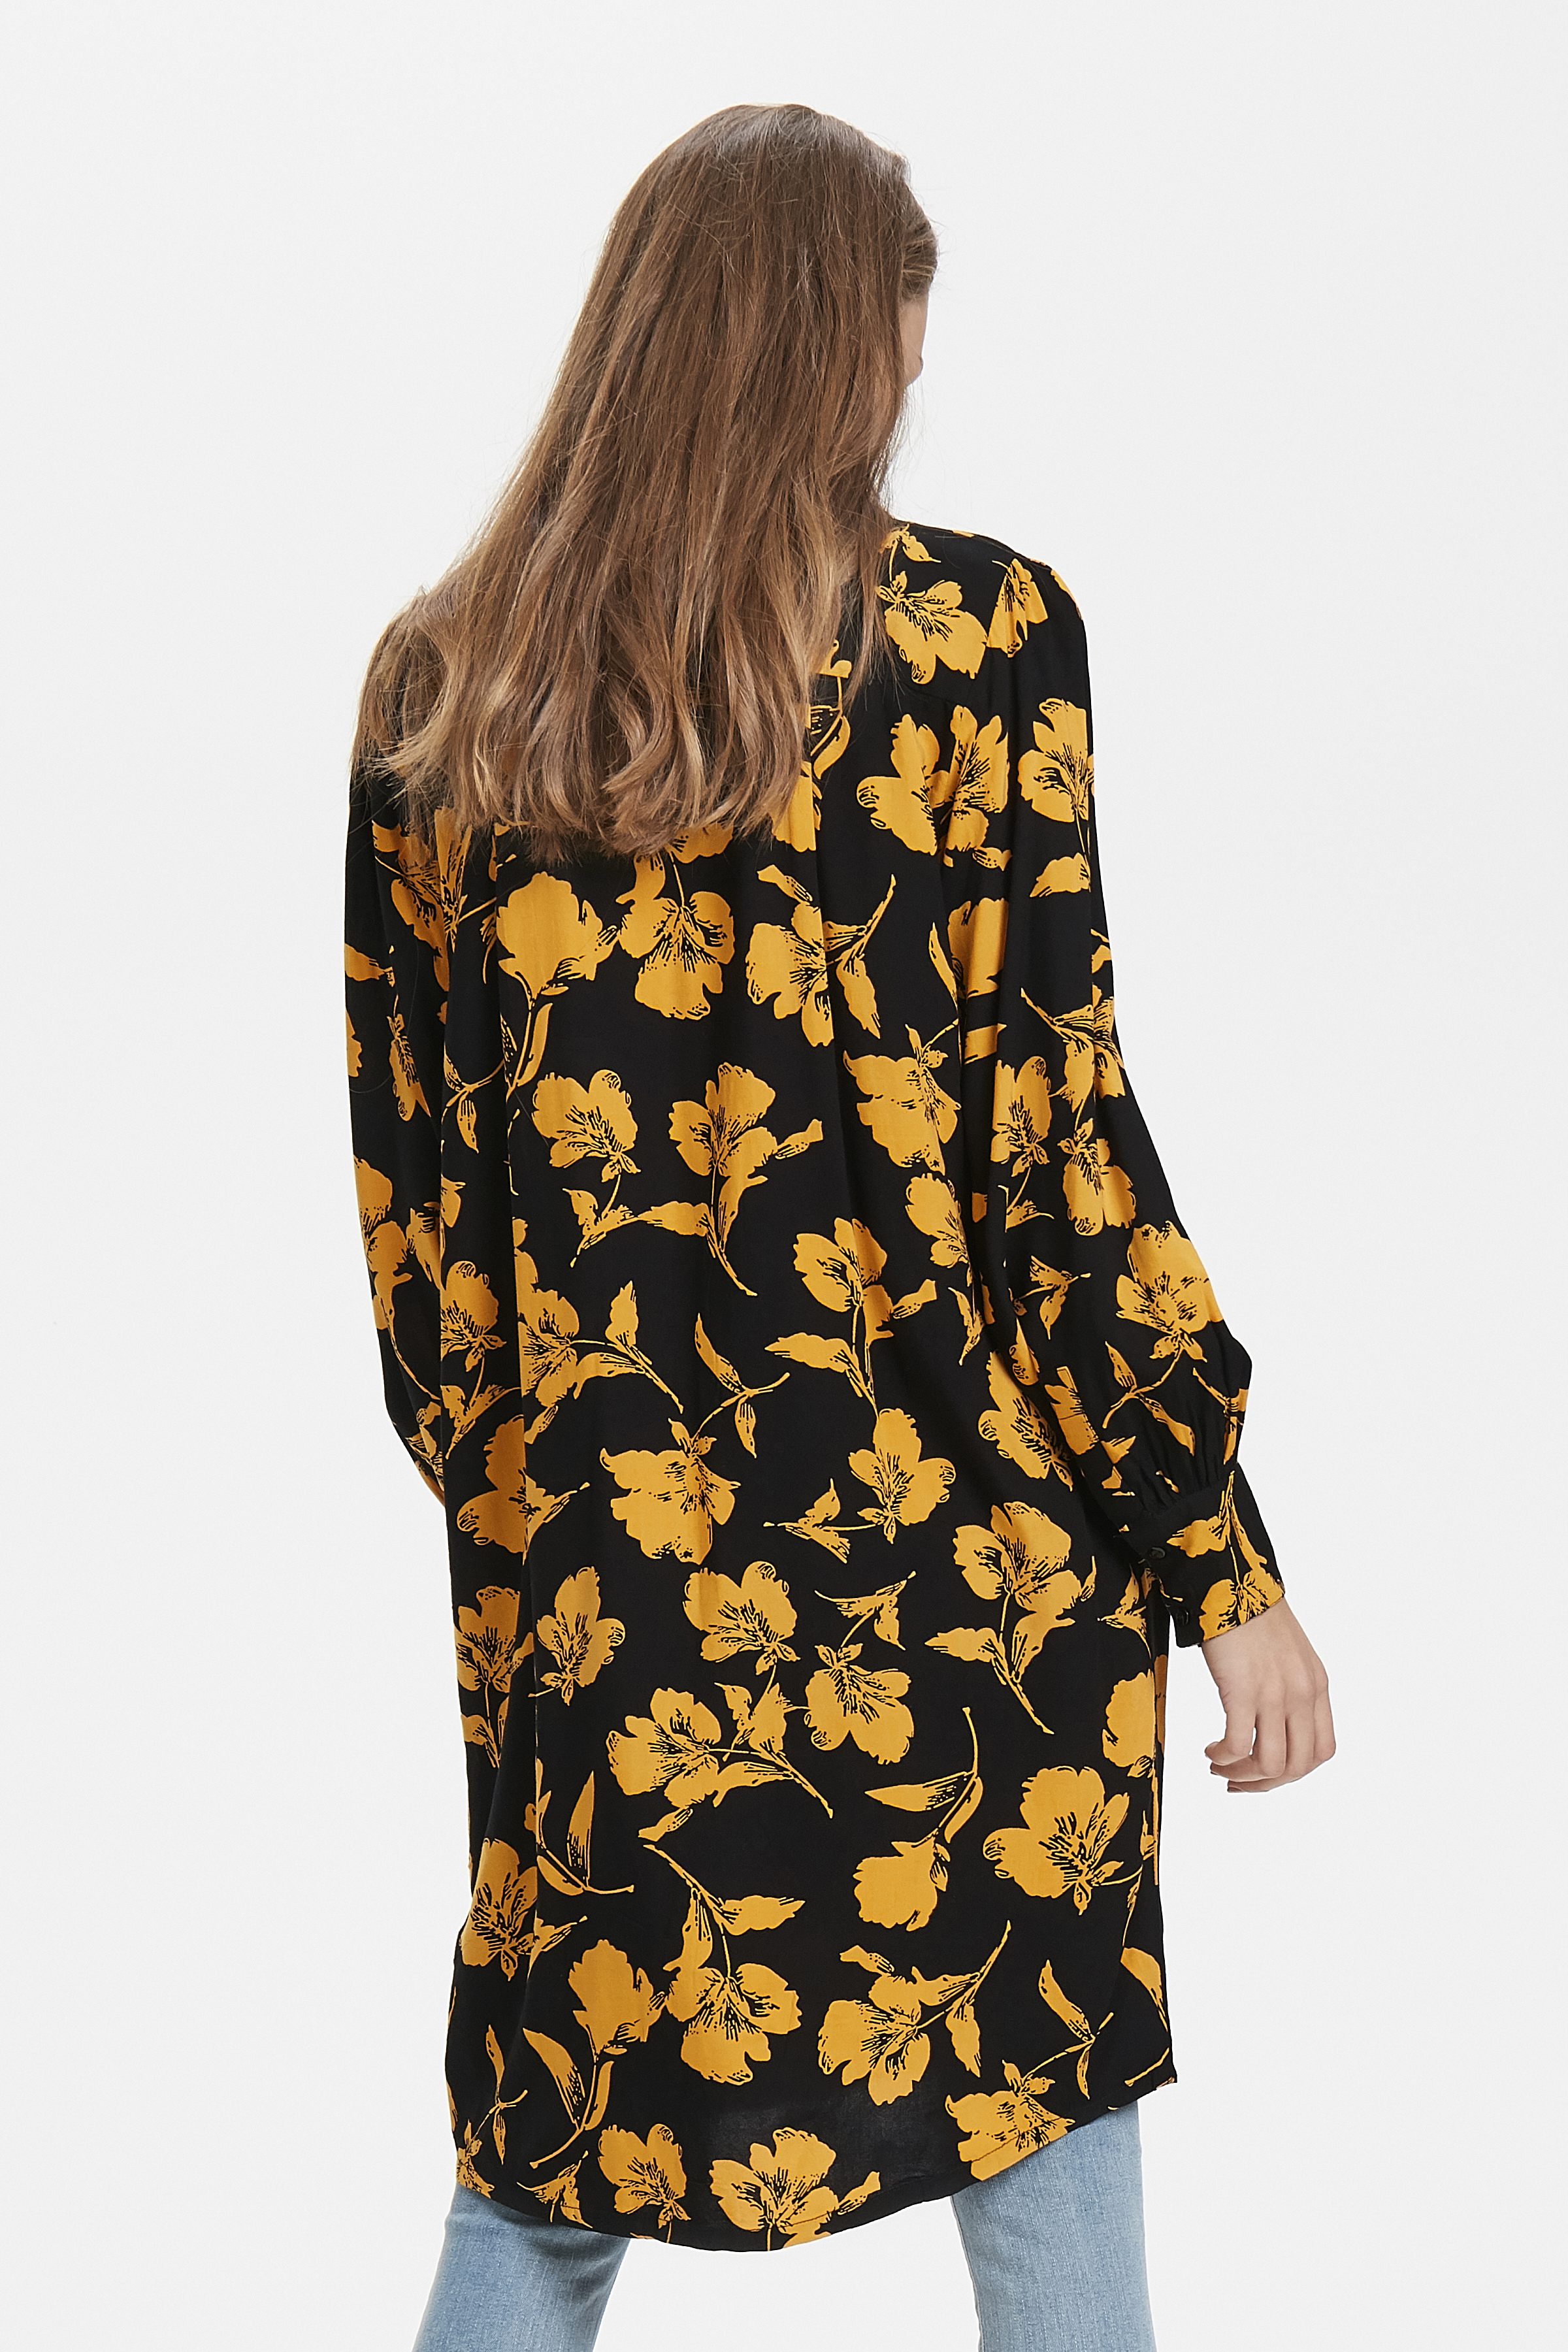 Citrus Langærmet skjorte – Køb Citrus Langærmet skjorte fra str. XS-XL her